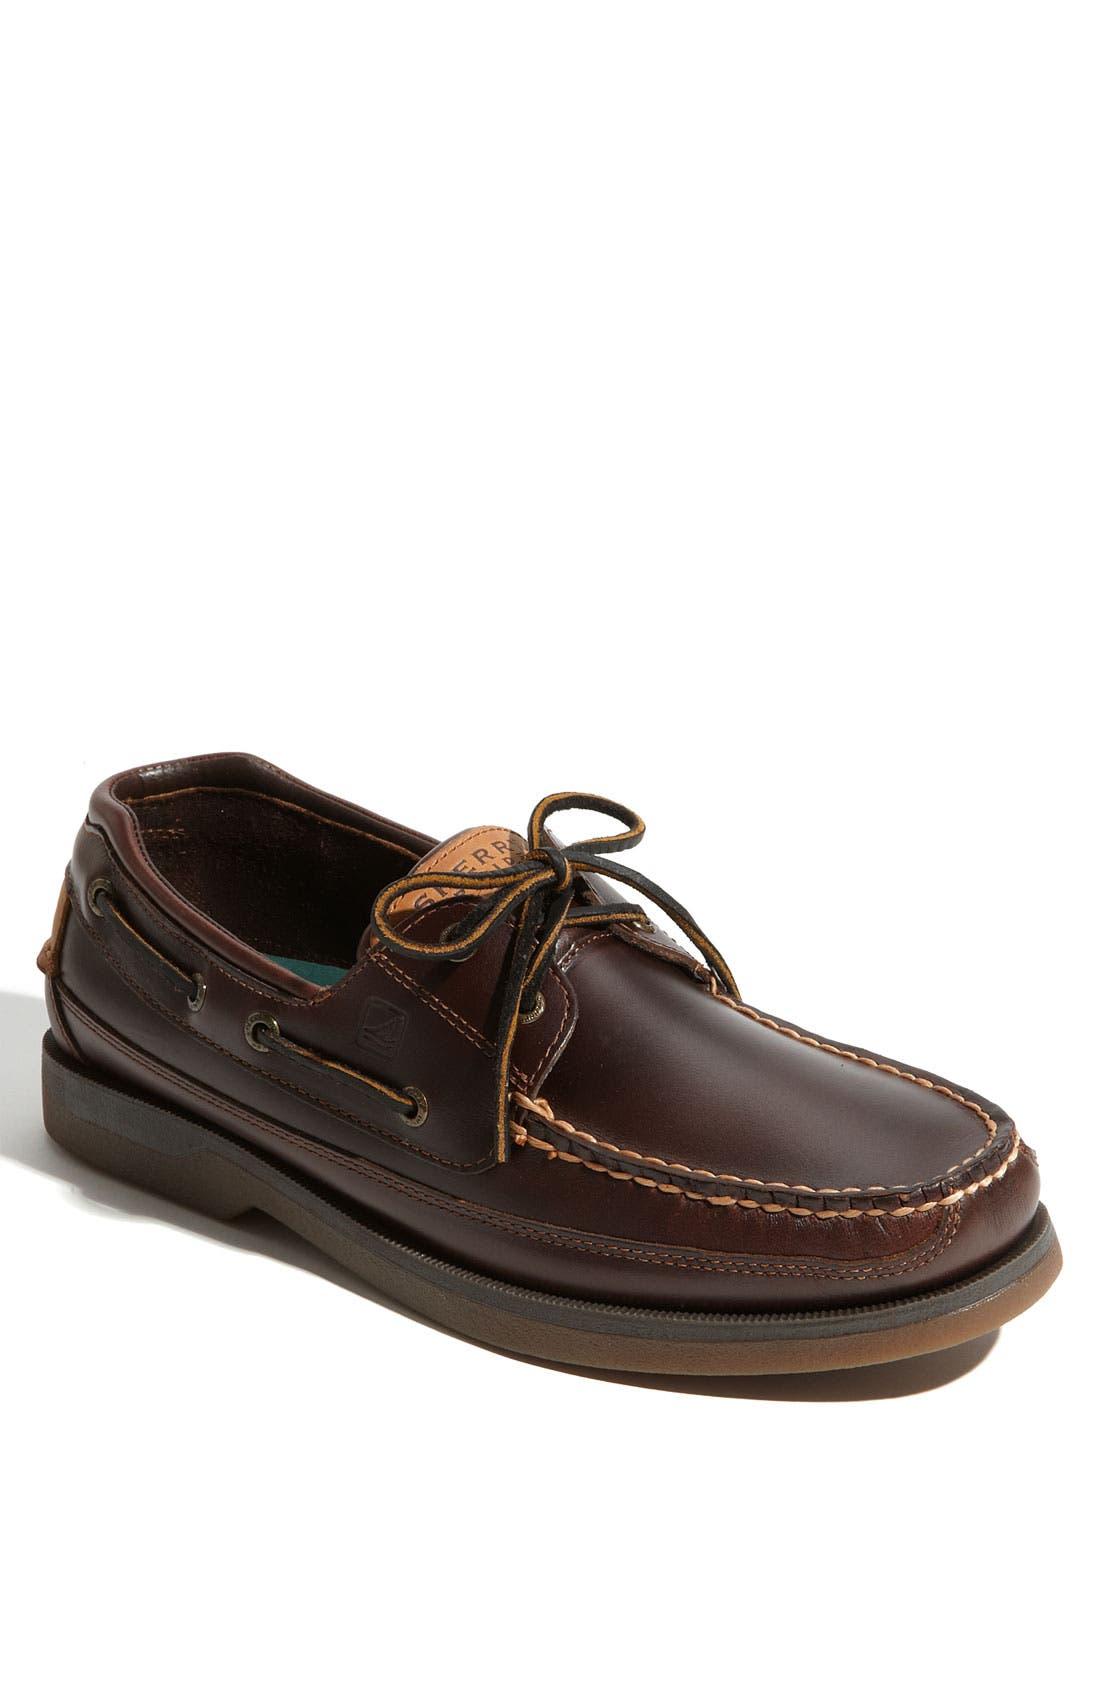 Top-Sider<sup>®</sup> 'Mako Two-Eye Canoe Moc' Boat Shoe,                             Main thumbnail 2, color,